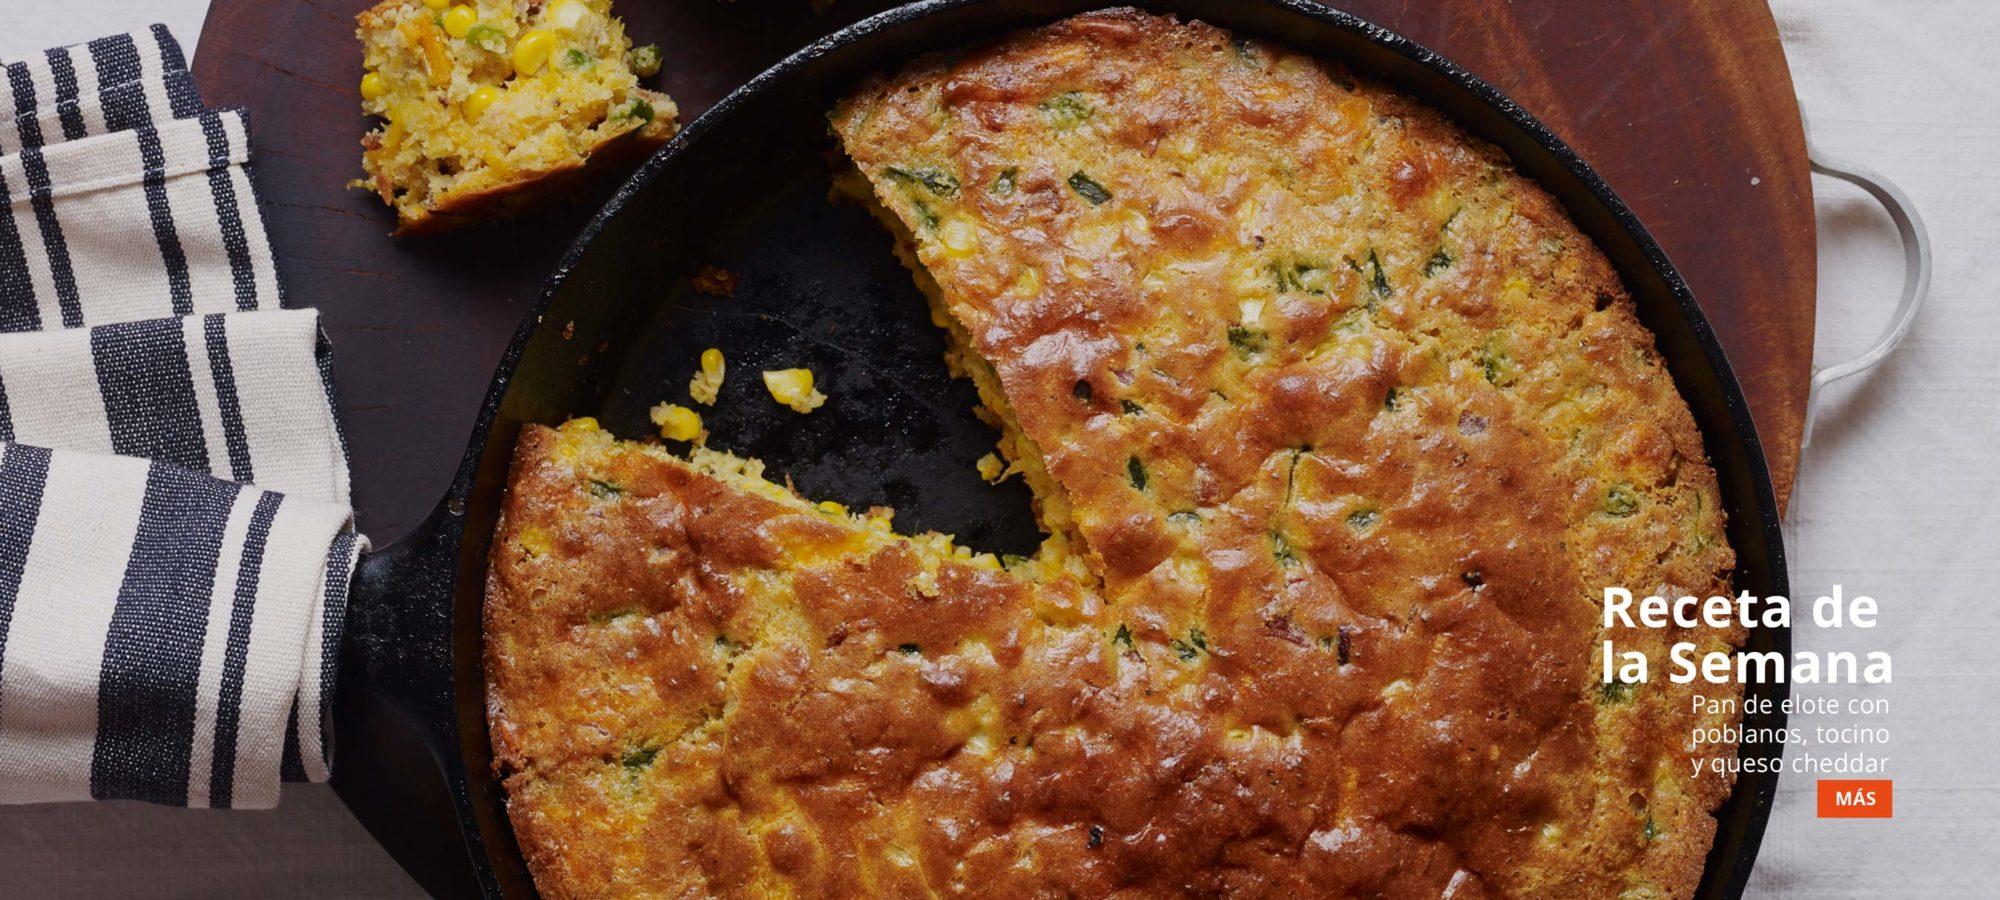 Cazuela de pan de elote con poblanos, tocino y queso cheddar